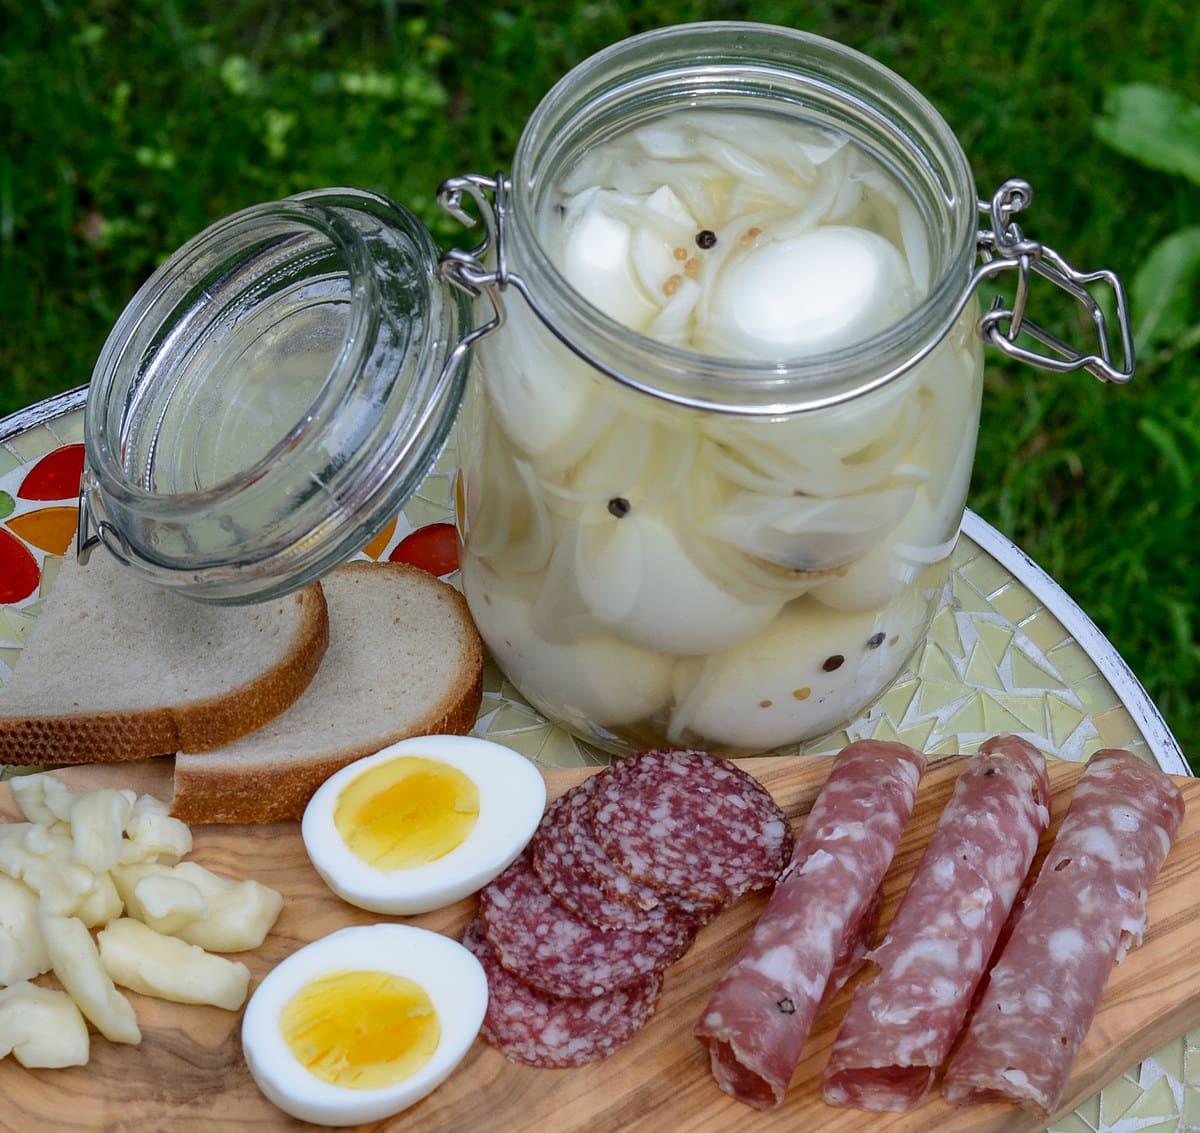 Куриные маринованные яйца — условия хранения  Куриные маринованные яйца — условия хранения marinovanye yaitsa kak hranit